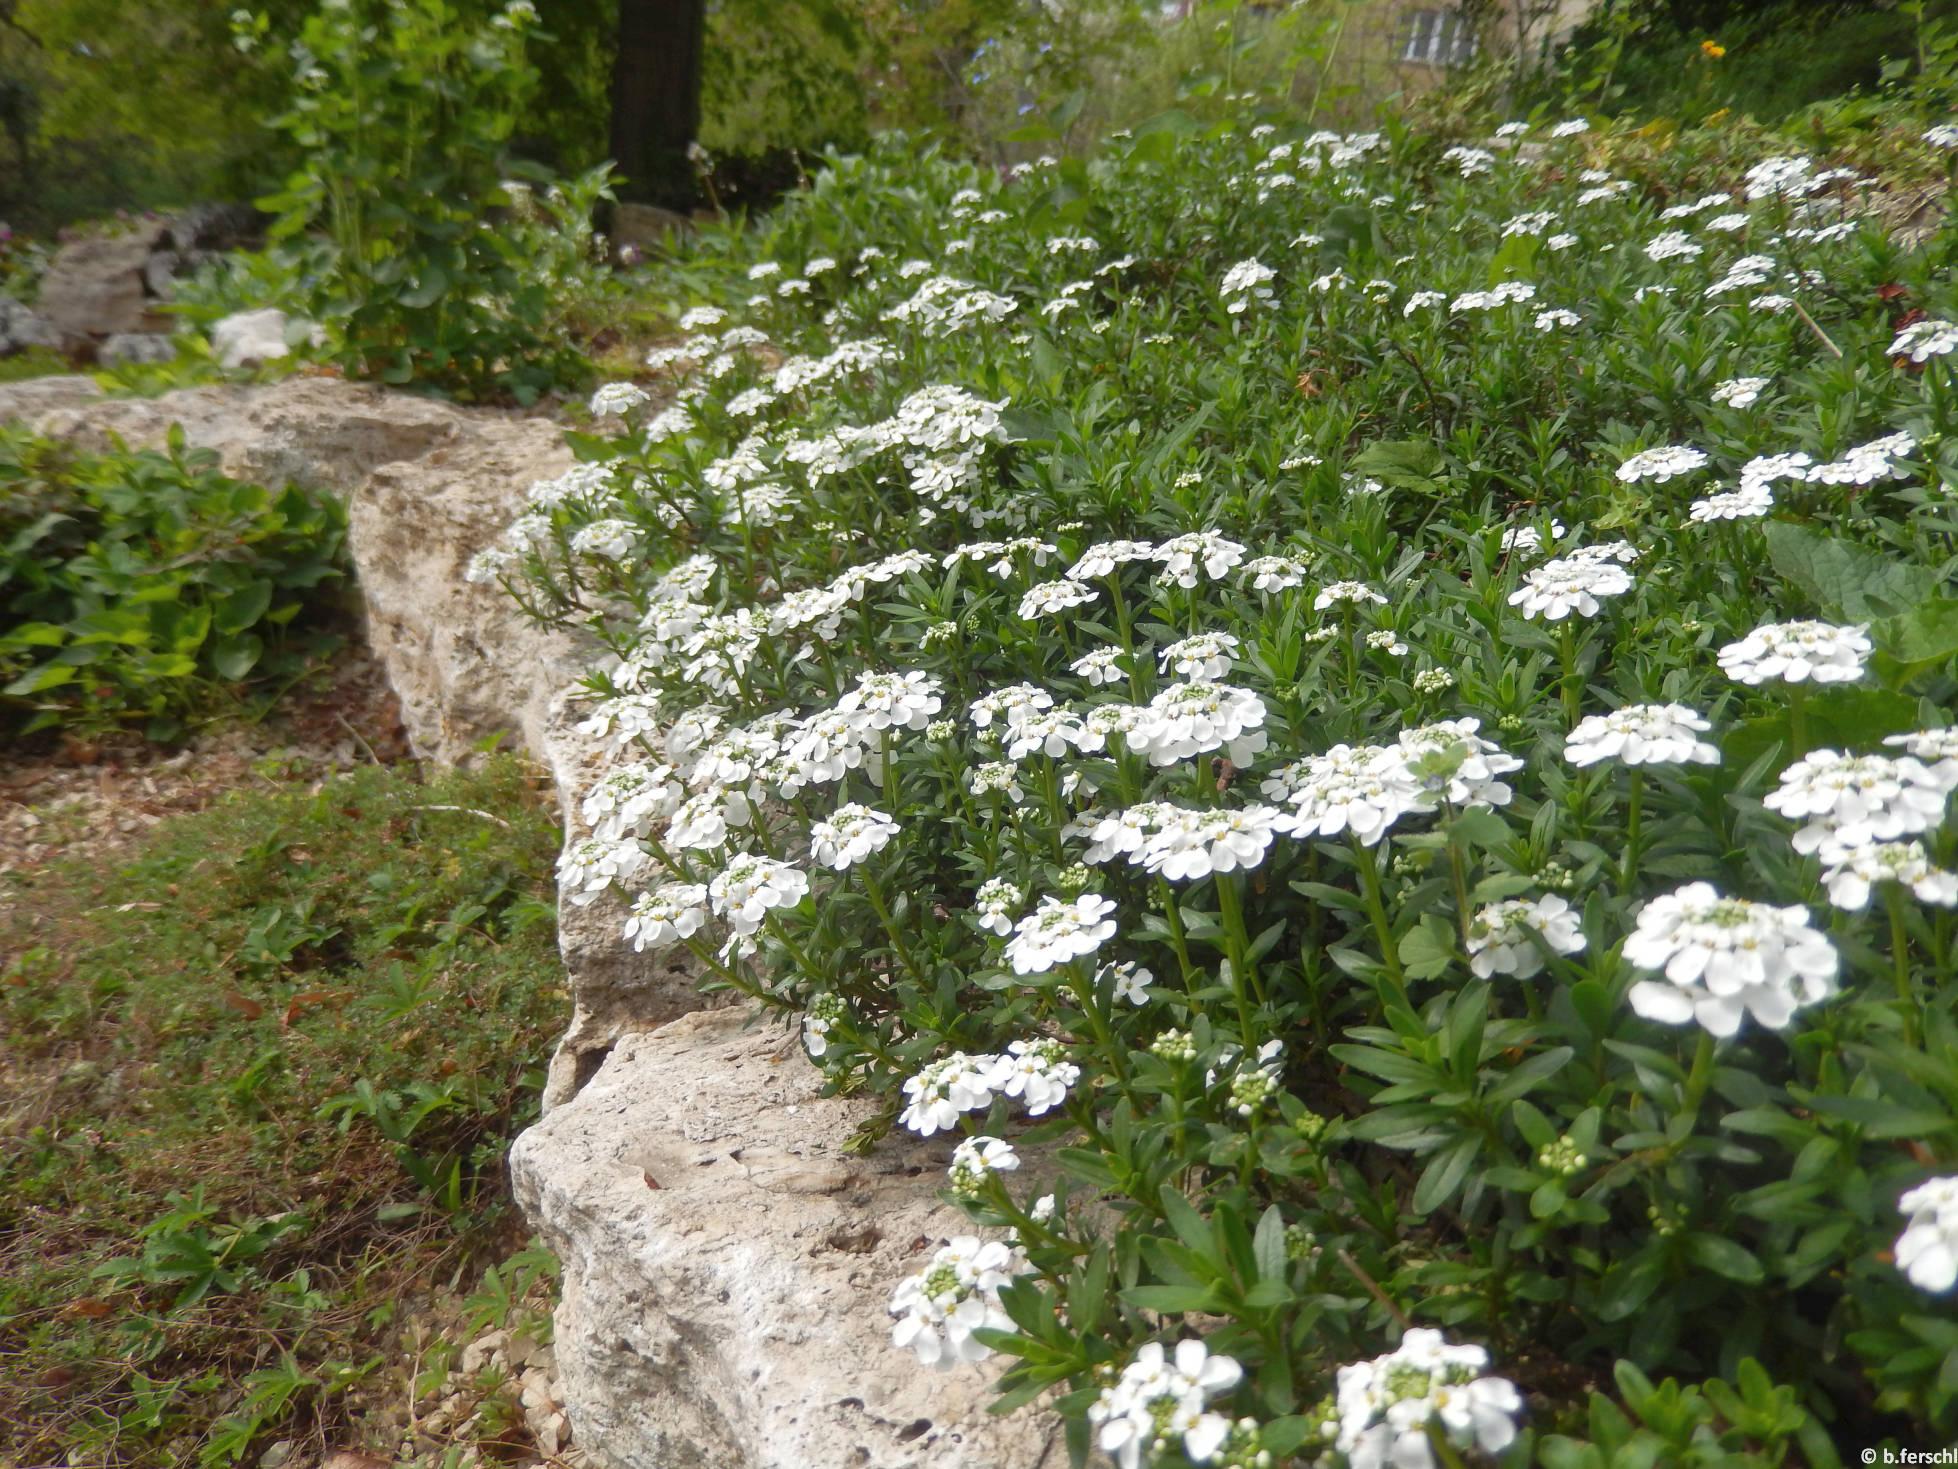 Örökzöld tatárvirág (Iberis sempervirens) a felső sziklakerben